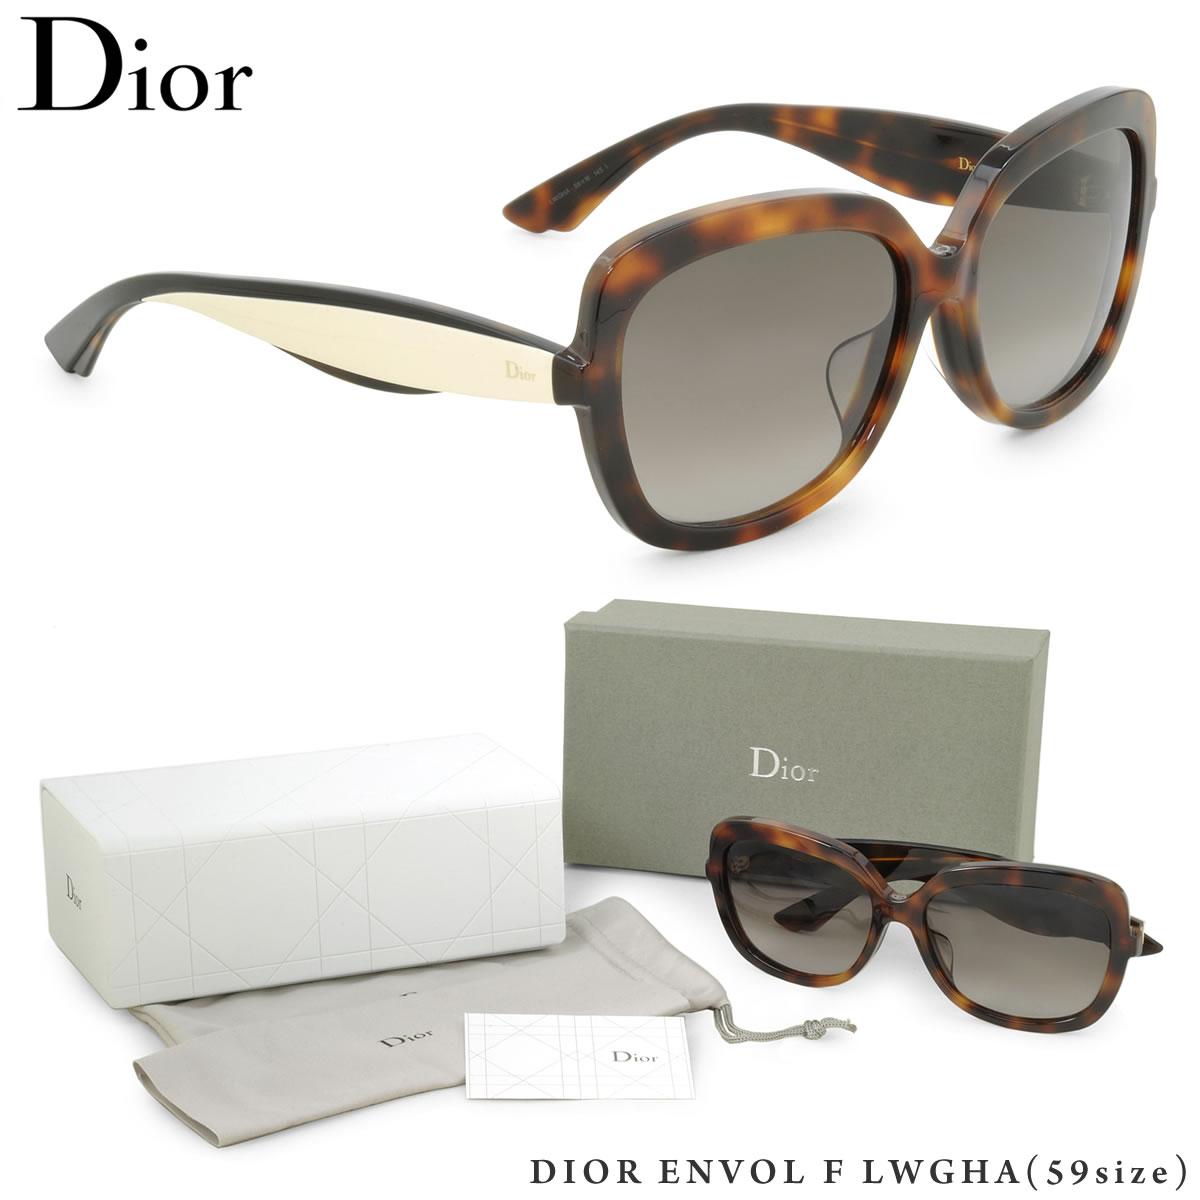 【10月30日からエントリーで全品ポイント20倍】【Dior】(ディオール) サングラス DIOR ENVOL F LWGHA 59サイズ バタフライ オンボル アジアンフィッティング ディオール Dior レディース